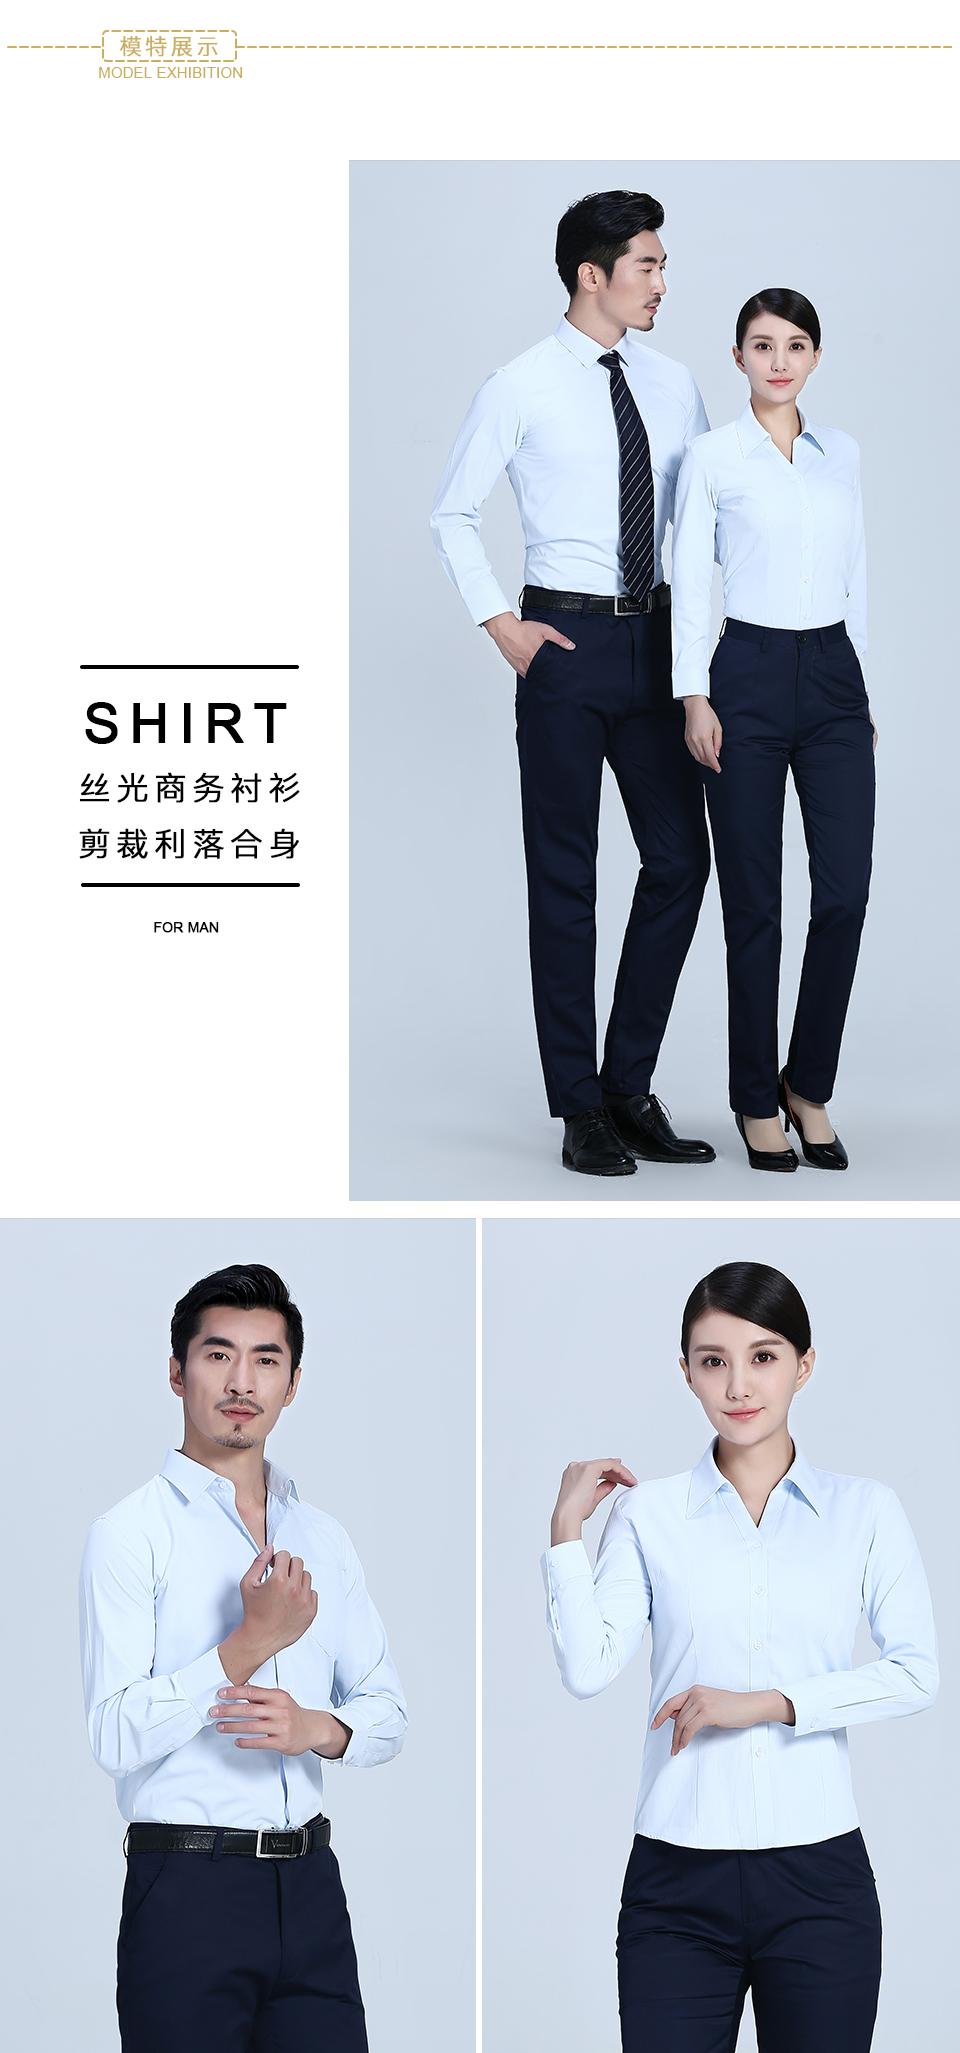 衬衫浅蓝女浅蓝商务长袖衬衫